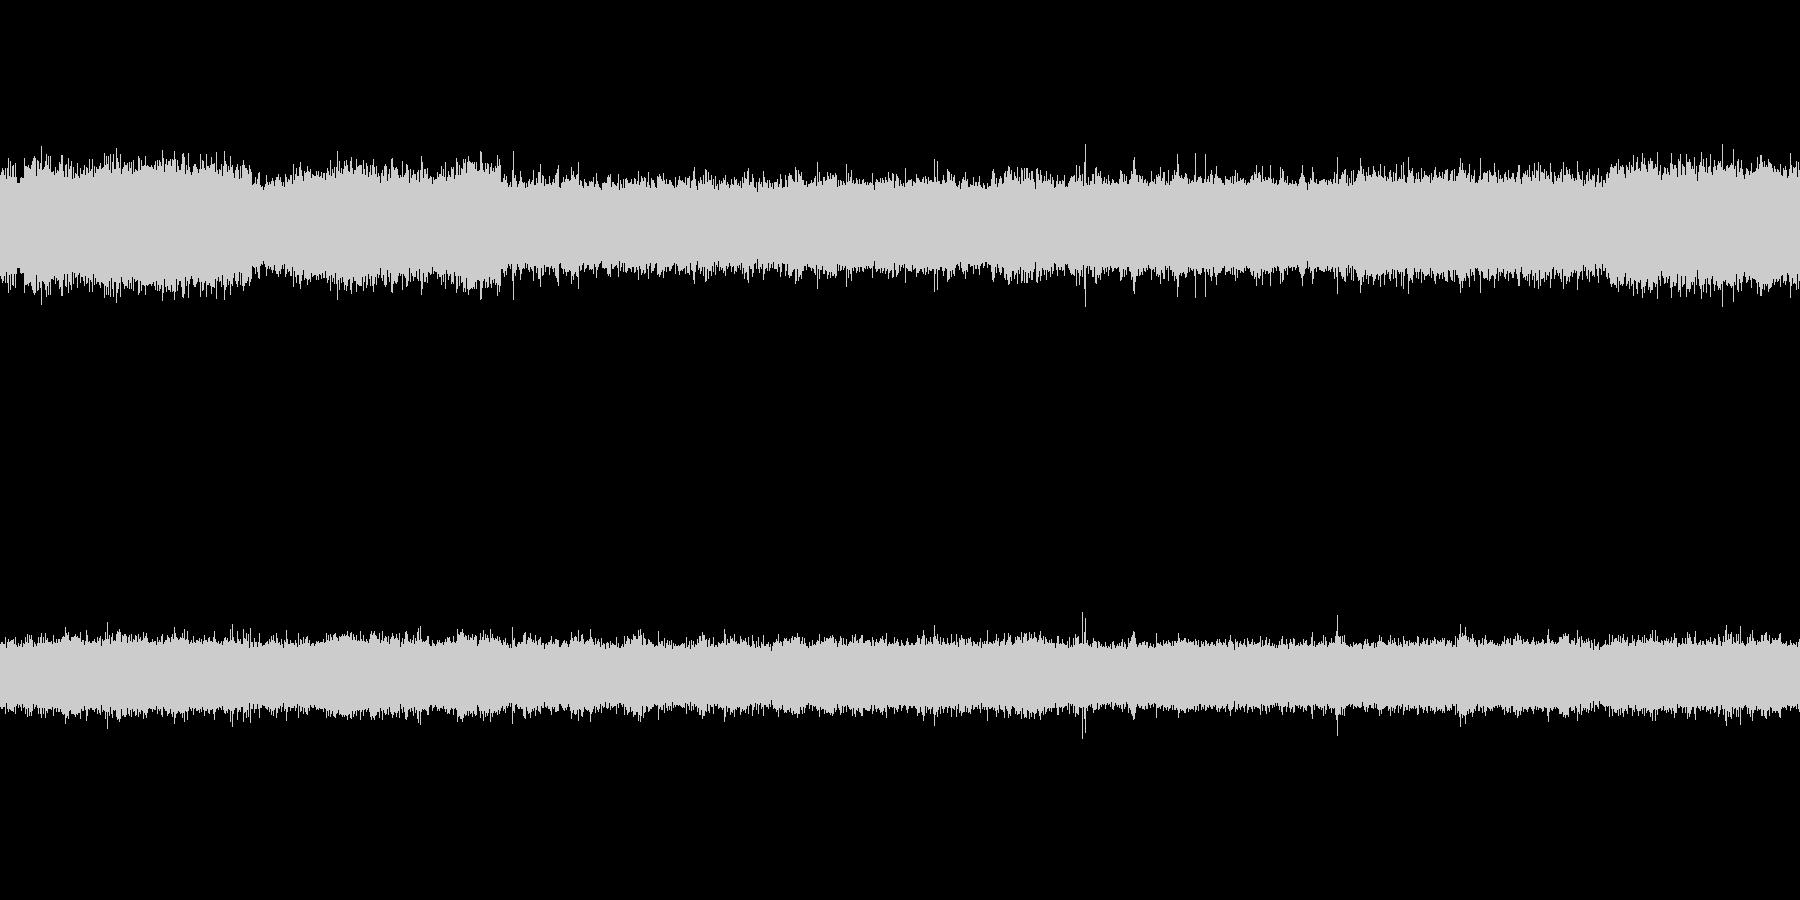 【環境音】虫、鳥──秋の里山その2の未再生の波形